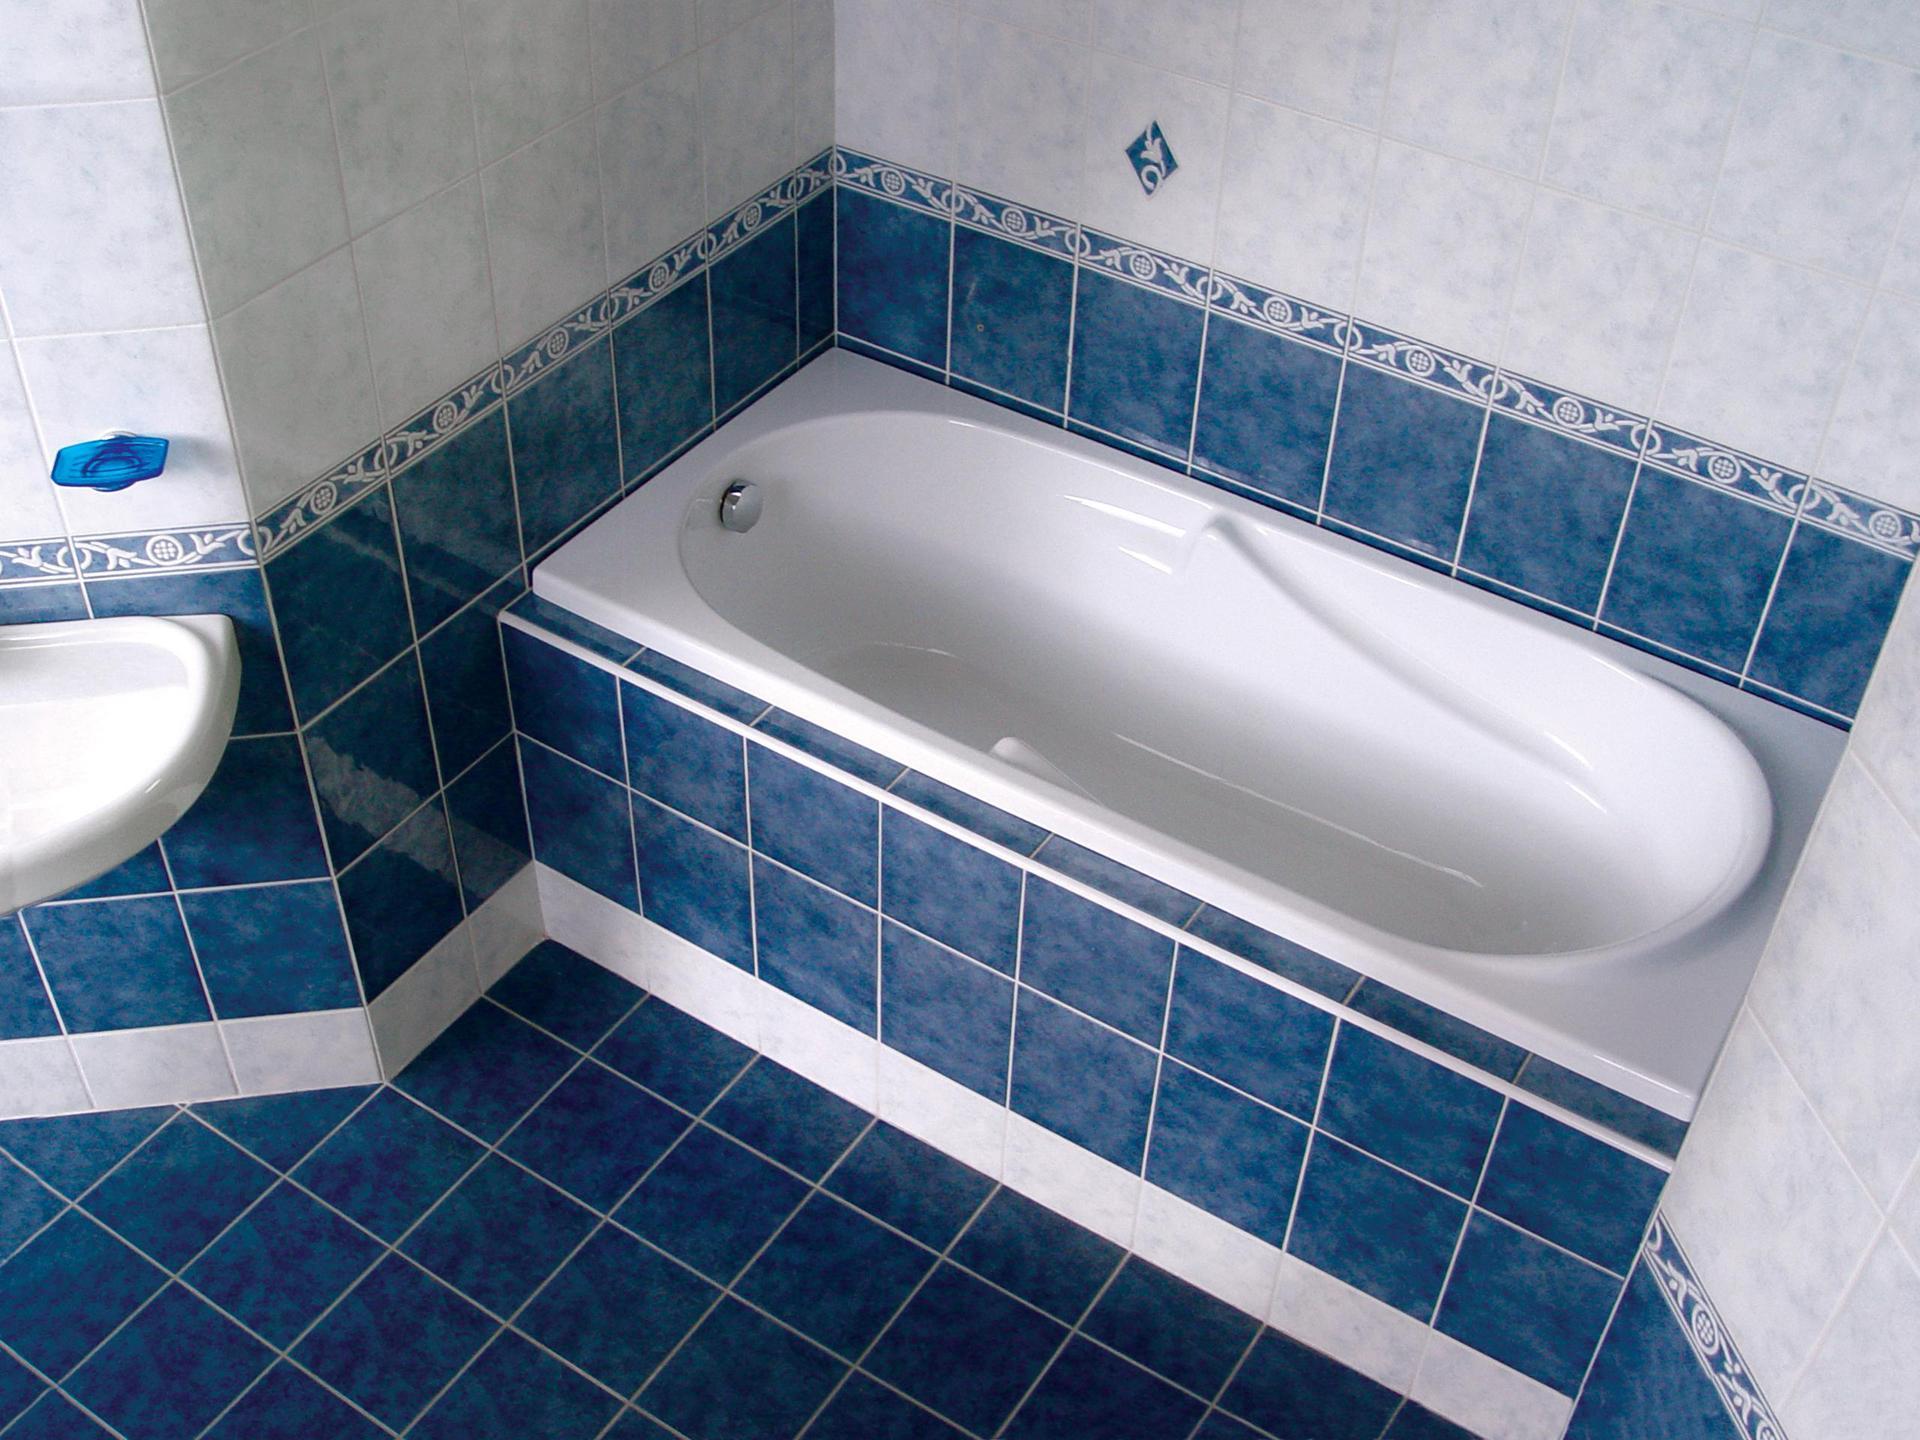 Гидромассаж для ваннРемонт кпп луаза своими руками